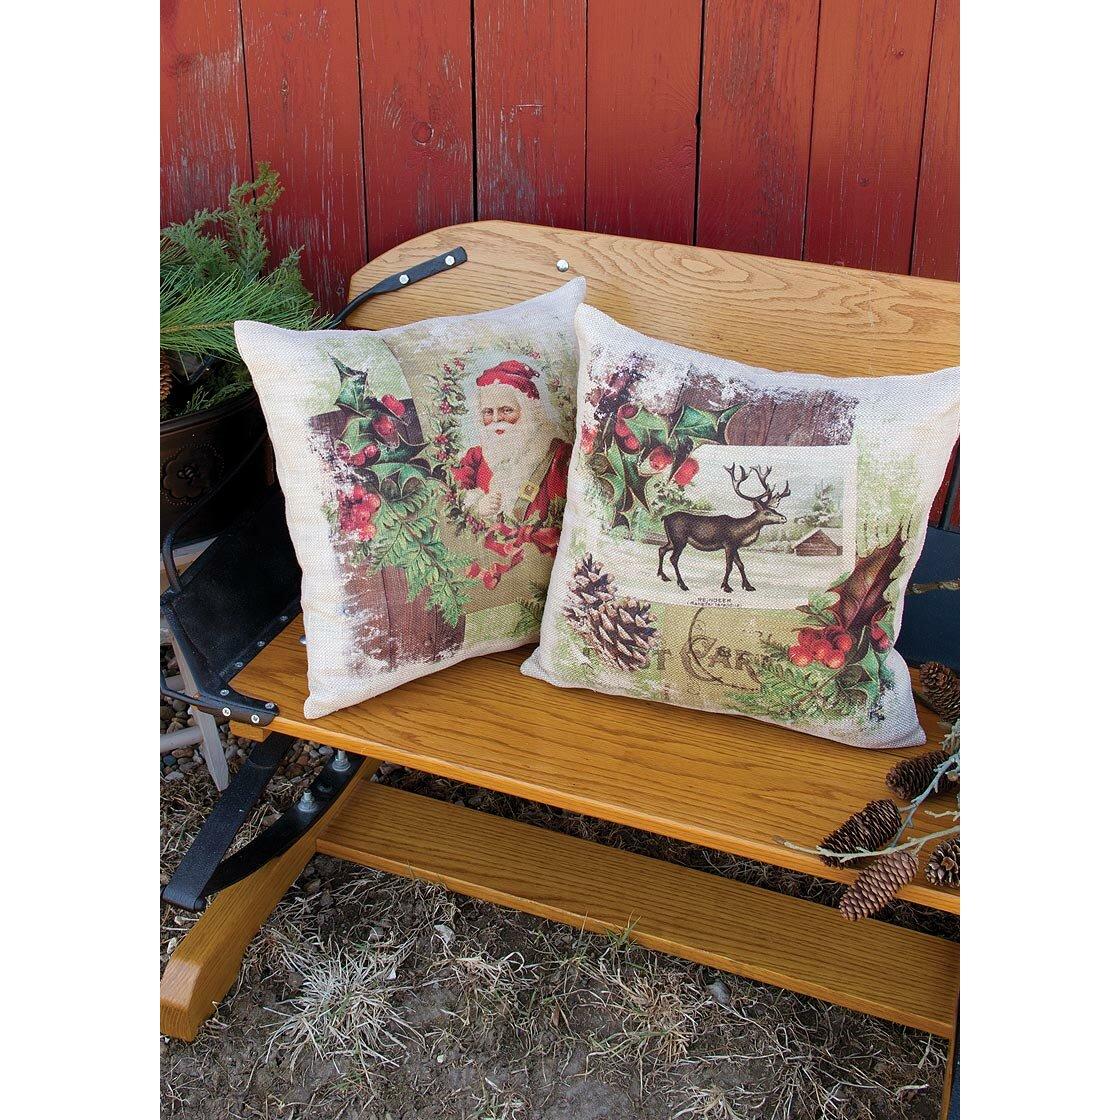 Heritage Lace Woodland Christmas Reindeer Throw Pillow & Reviews Wayfair